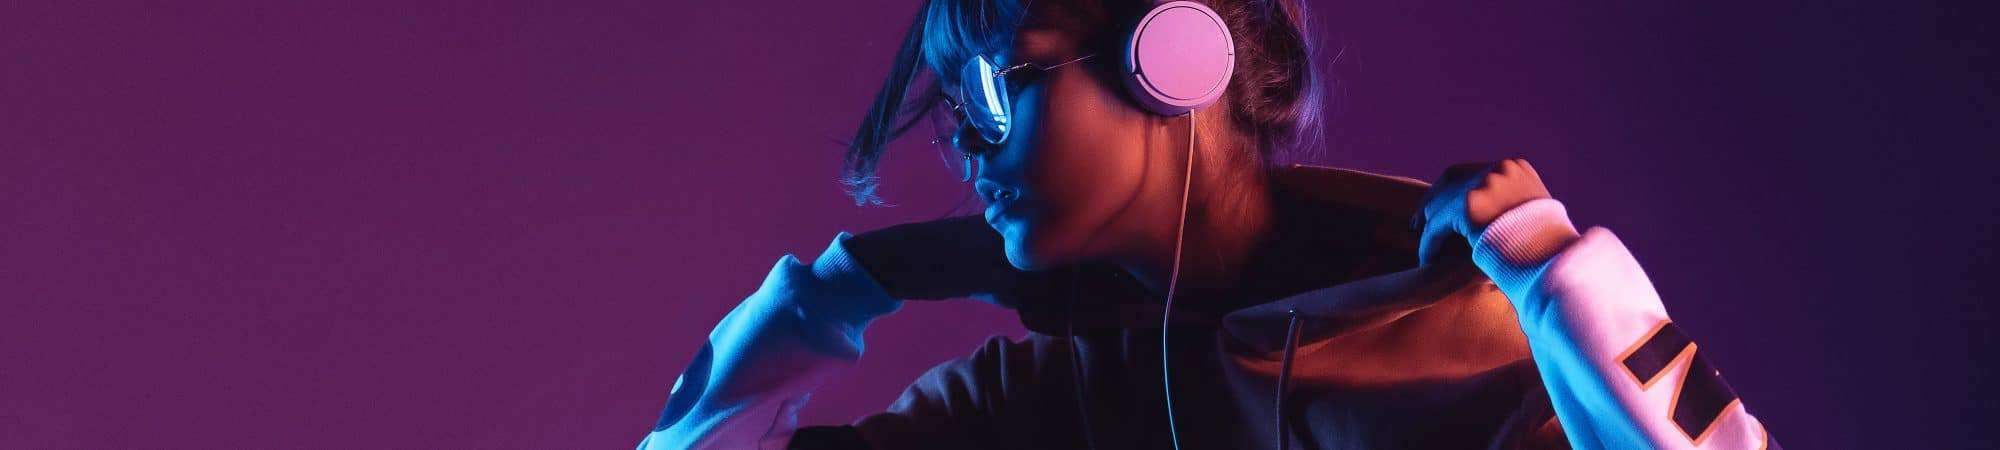 Menina ouvindo música com fone de ouvido em imagem com fundo roxo